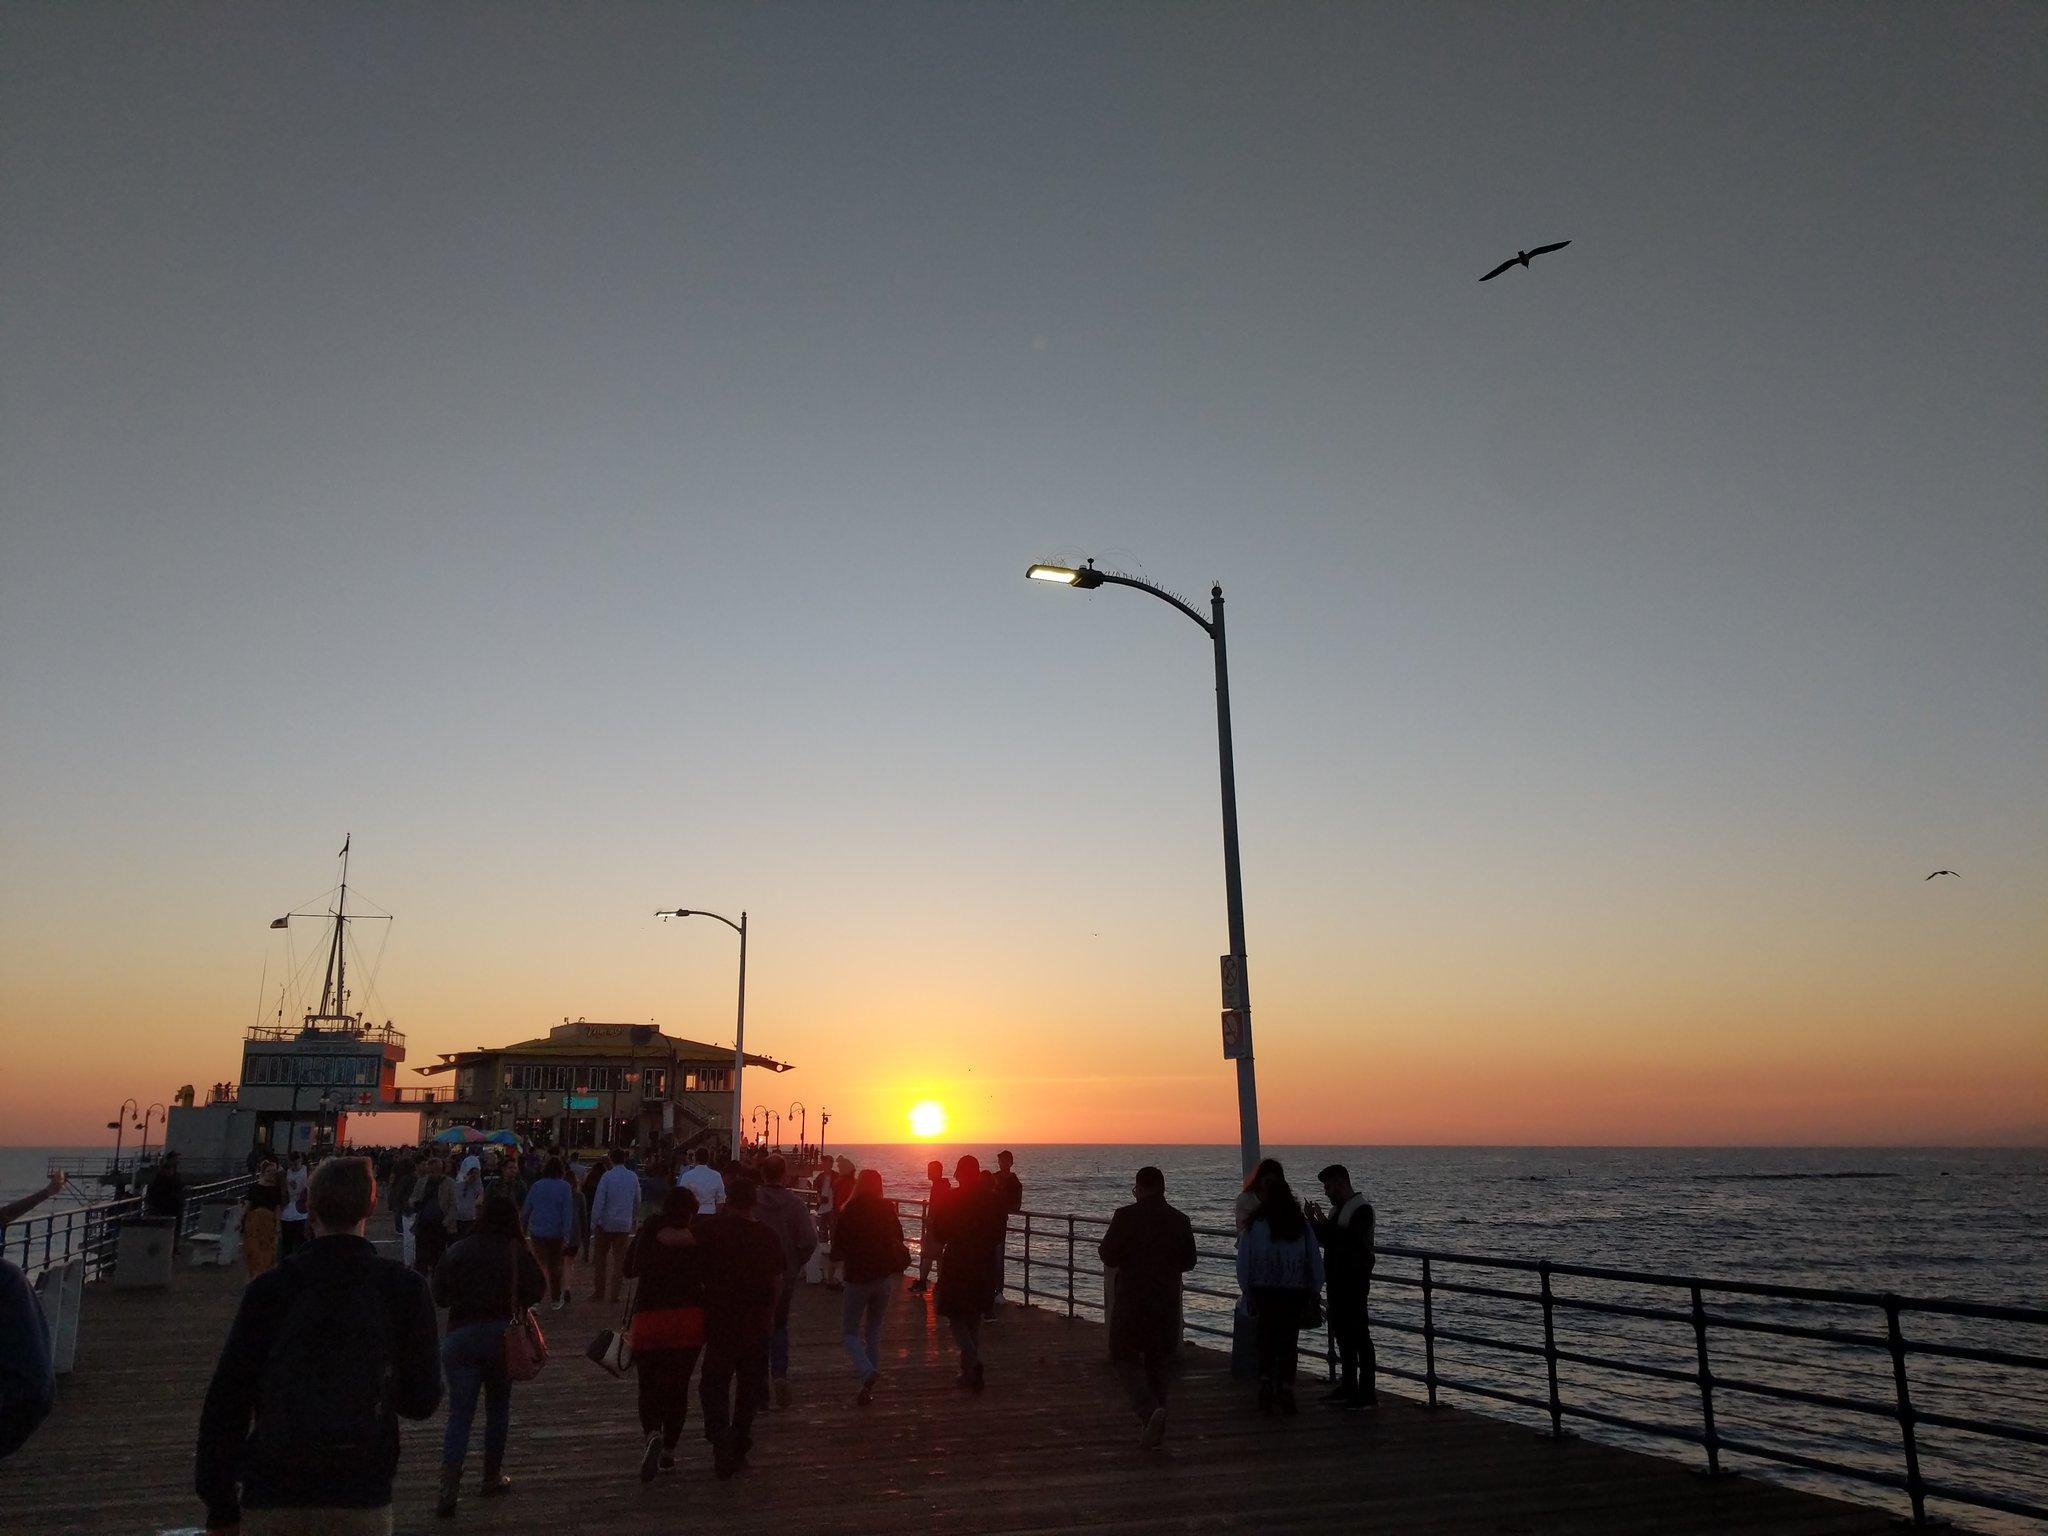 #sunset https://t.co/7P2z1b6VlQ